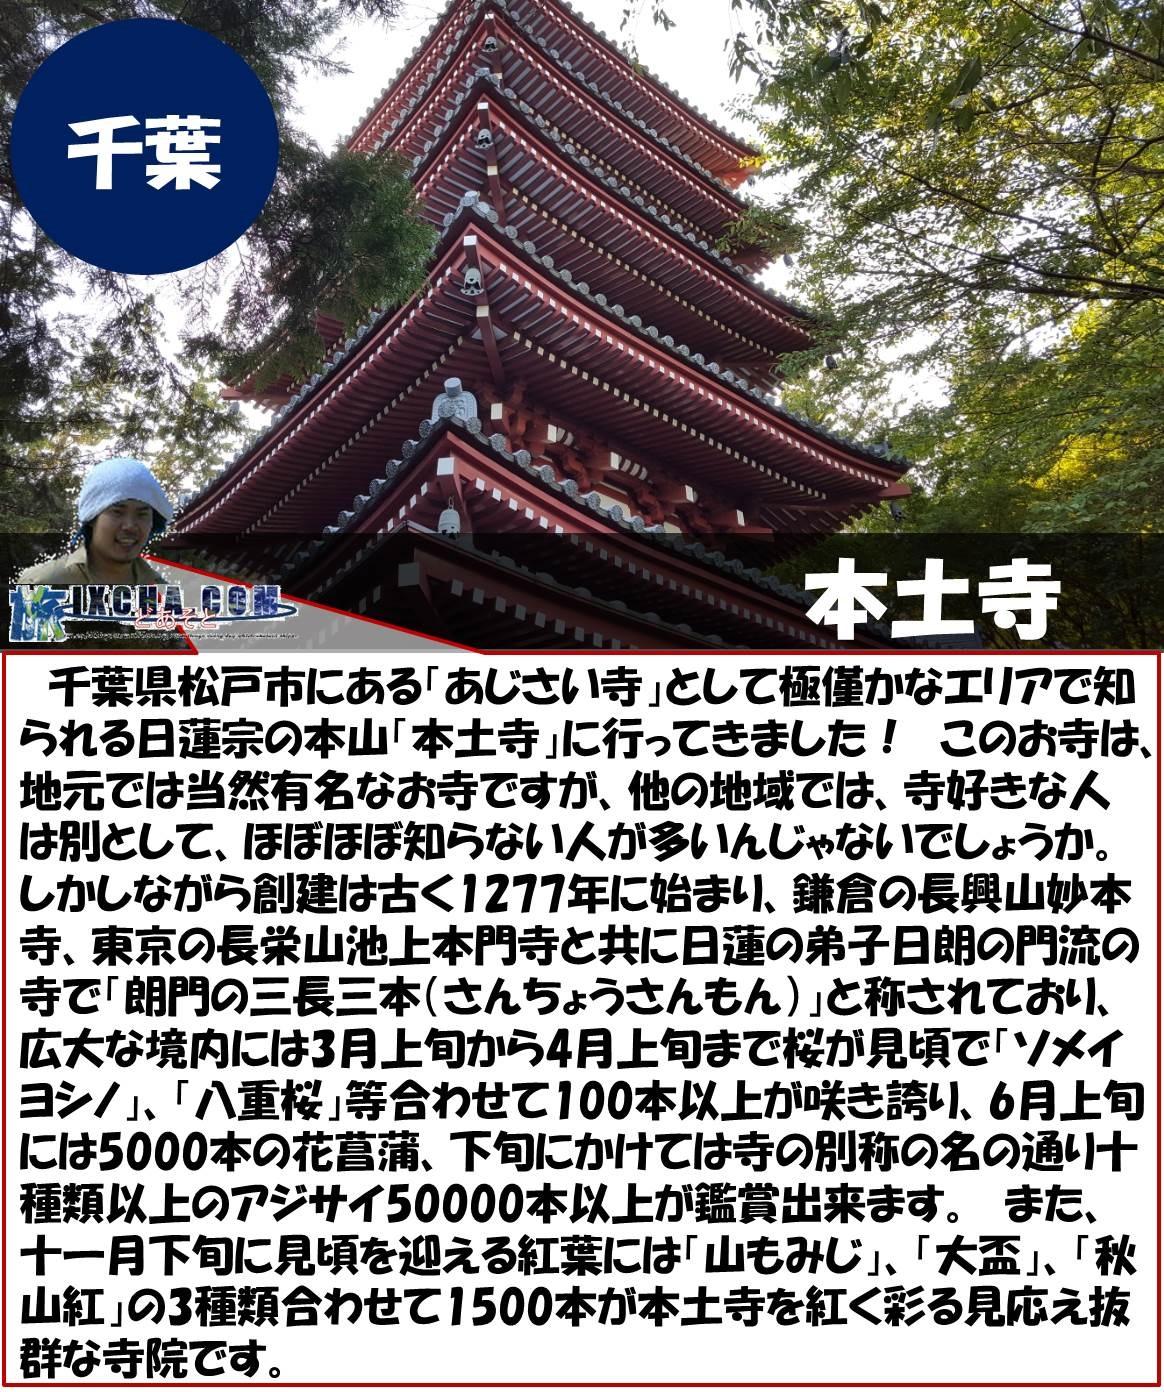 千葉 本土寺 千葉県松戸市にある「あじさい寺」として極僅かなエリアで知られる日蓮宗の本山「本土寺」に行ってきました! このお寺は、地元では当然有名なお寺ですが、他の地域では、寺好きな人は別として、ほぼほぼ知らない人が多いんじゃないでしょうか。 しかしながら創建は古く1277年に始まり、鎌倉の長興山妙本寺、東京の長栄山池上本門寺と共に日蓮の弟子日朗の門流の寺で「朗門の三長三本(さんちょうさんもん)」と称されており、広大な境内には3月上旬から4月上旬まで桜が見頃で「ソメイヨシノ」、「八重桜」等合わせて100本以上が咲き誇り、6月上旬には5000本の花菖蒲、下旬にかけては寺の別称の名の通り十種類以上のアジサイ50000本以上が鑑賞出来ます。 また、十一月下旬に見頃を迎える紅葉には「山もみじ」、「大盃」、「秋山紅」の3種類合わせて1500本が本土寺を紅く彩る見応え抜群な寺院です。